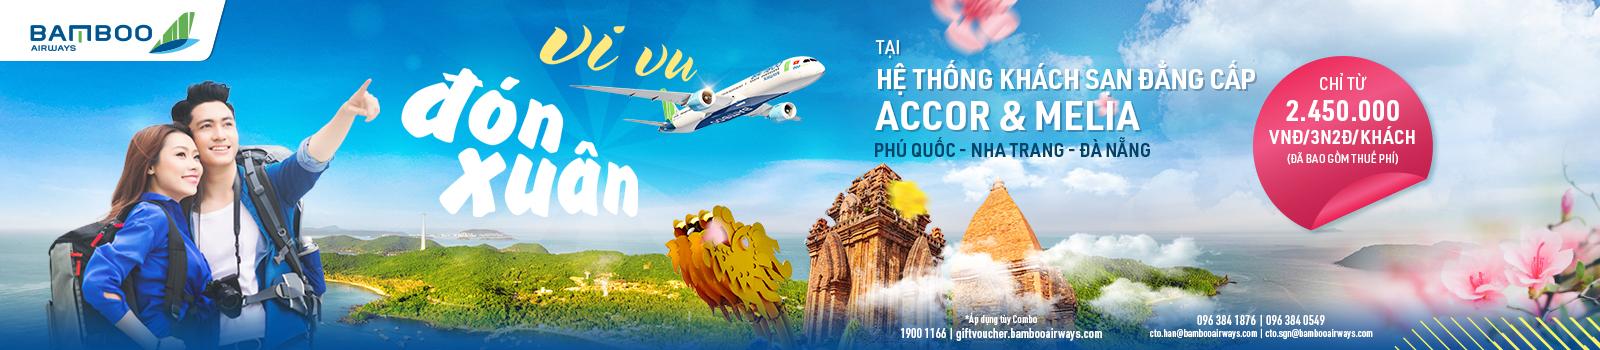 Nghỉ dưỡng Pullman Phu Quoc Beach Resort/ Movenpick Resort Waverly Phu Quoc – Khởi hành TP.HCM (cuối tuần)